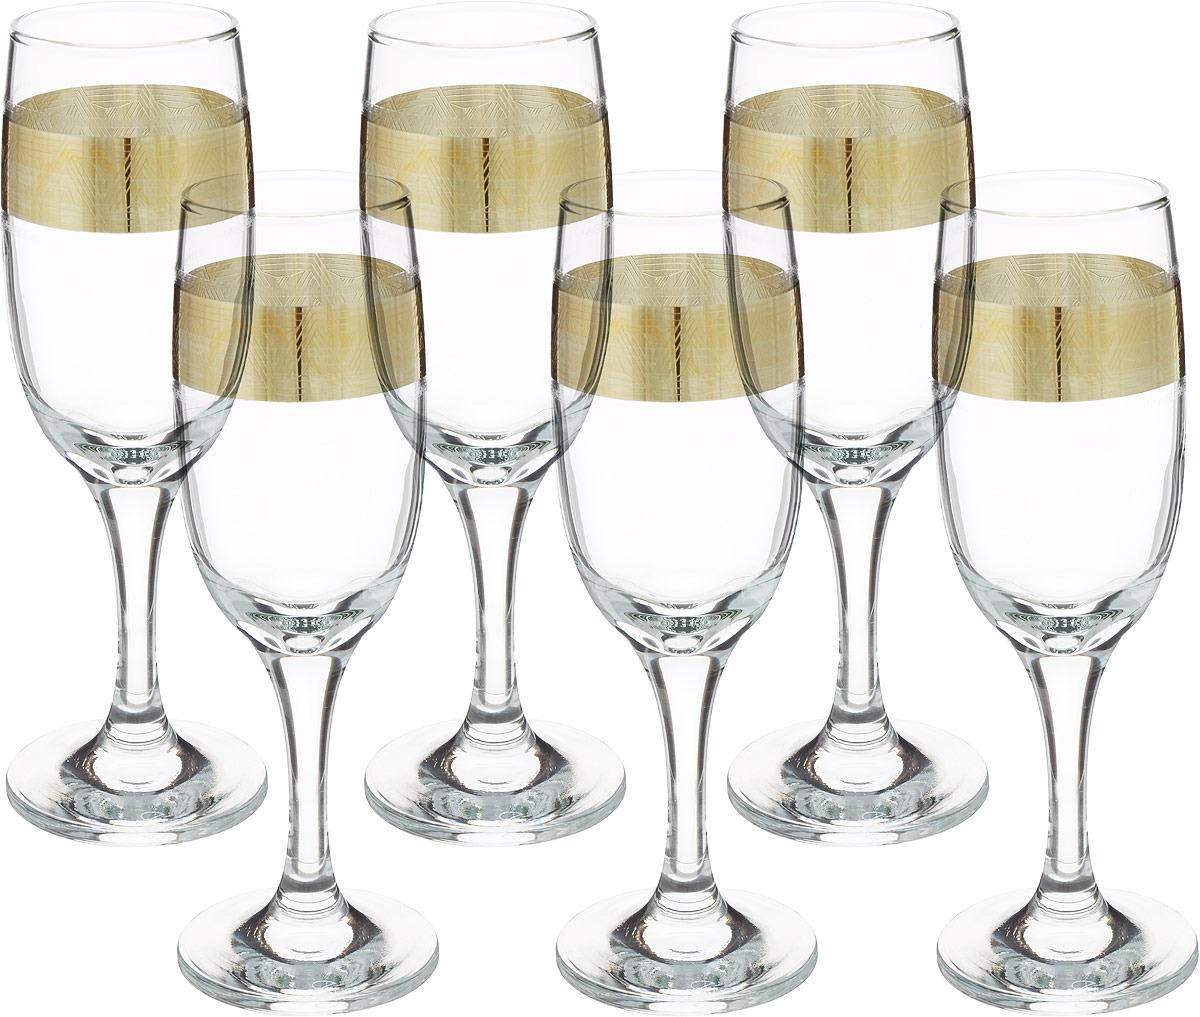 Набор бокалов Гусь-Хрустальный Пирамида, TAV92- 419, 190 мл, 6 шт набор бокалов гусь хрустальный золотой карат